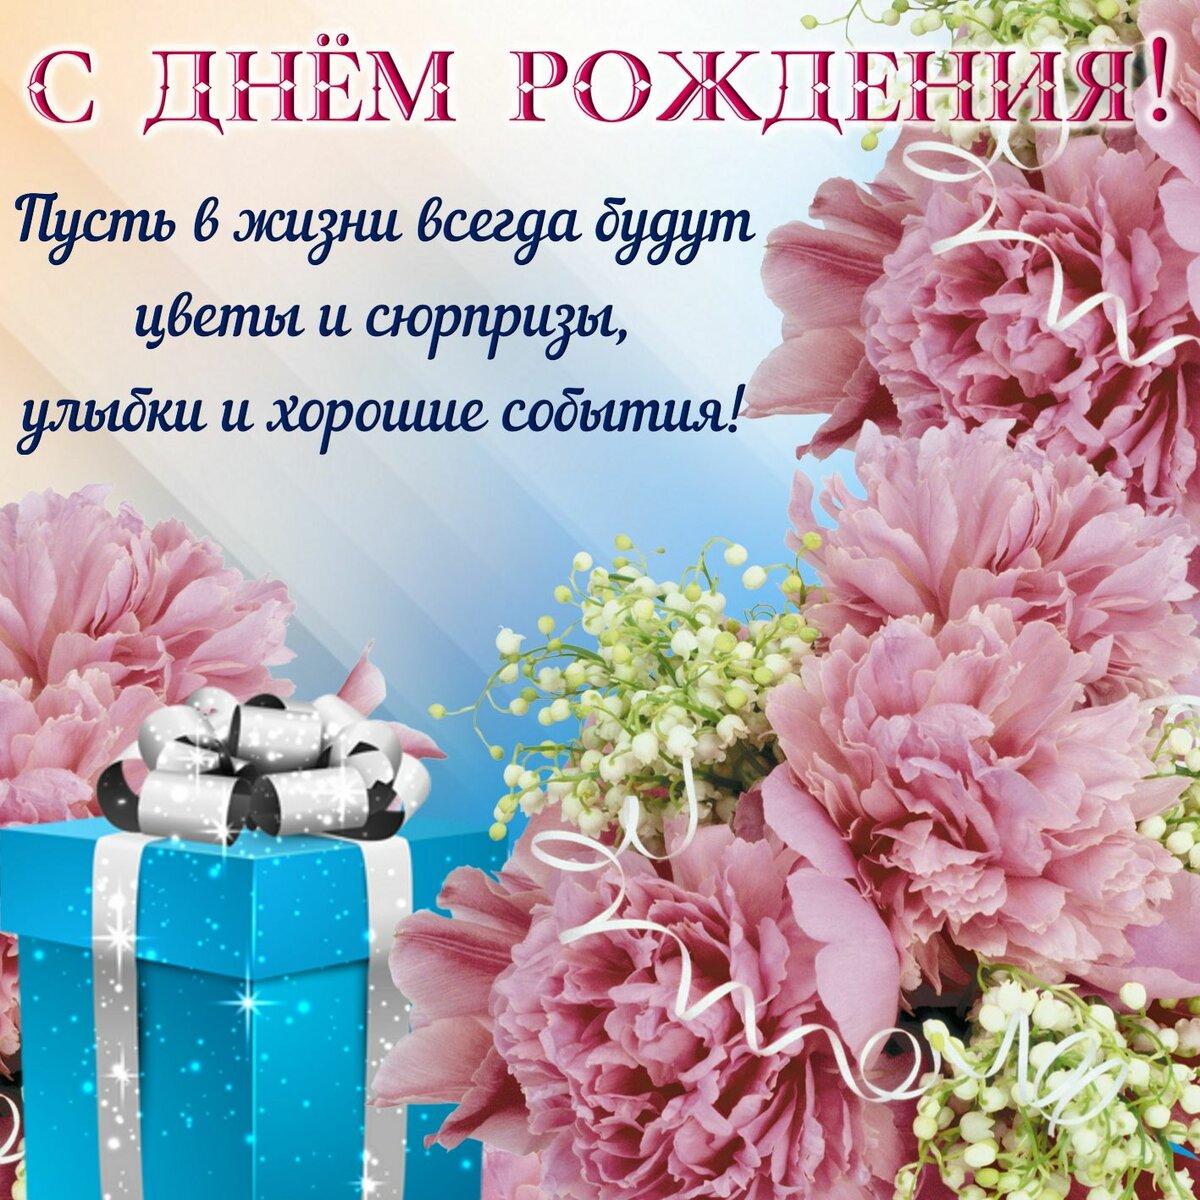 Открытку, разные картинки поздравления с днем рождения